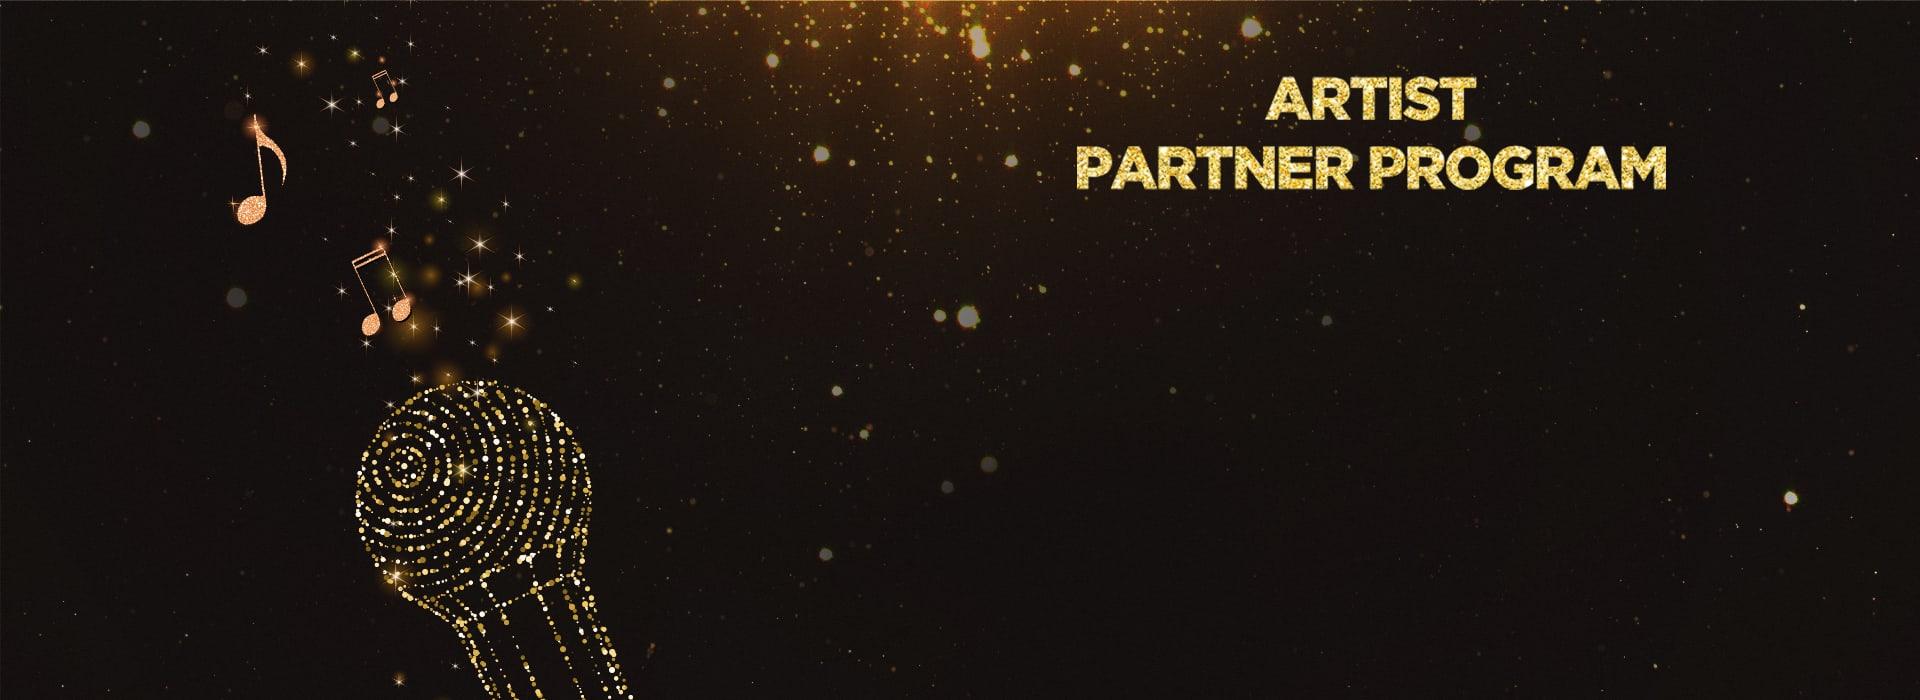 Artist Partner Program